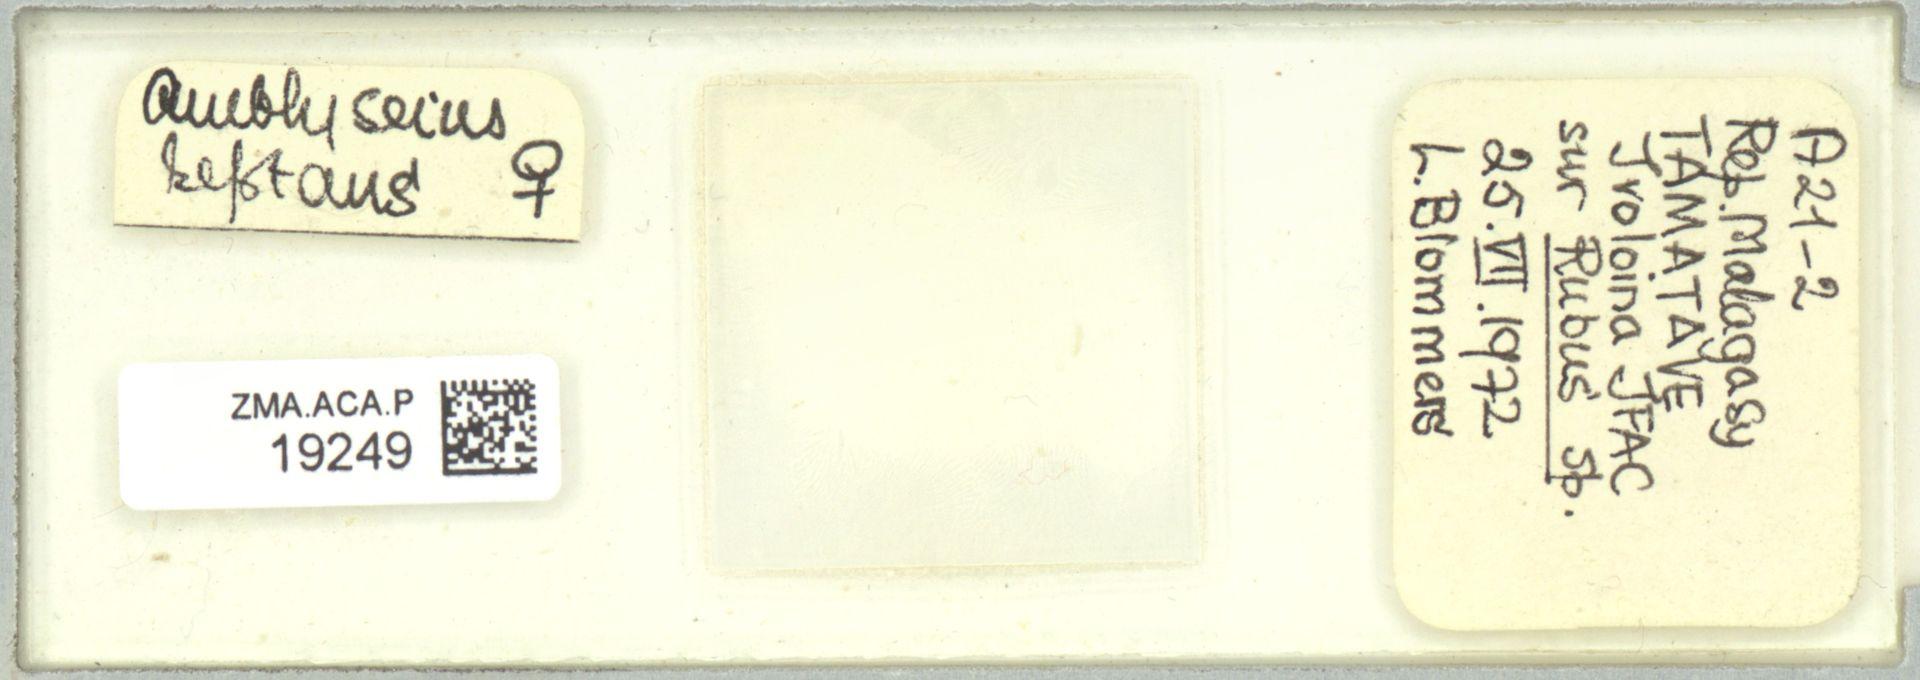 ZMA.ACA.P.19249 | Scapulaseius reptans (Blommers, 1974)